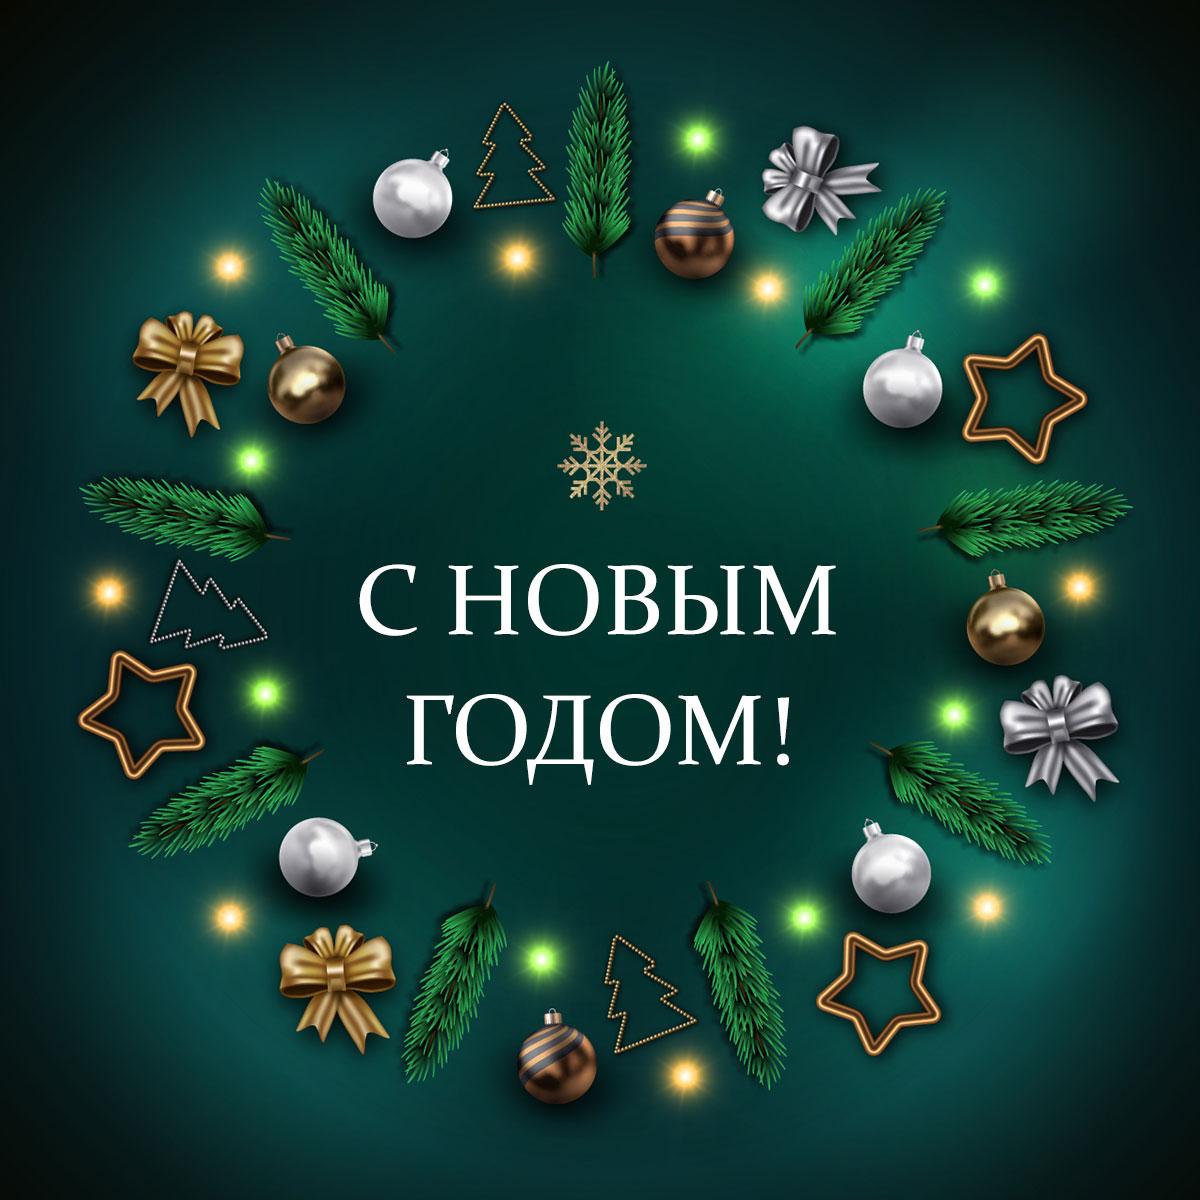 Зелёная картинка с текстом с новым годом и ветки ели с украшениями.